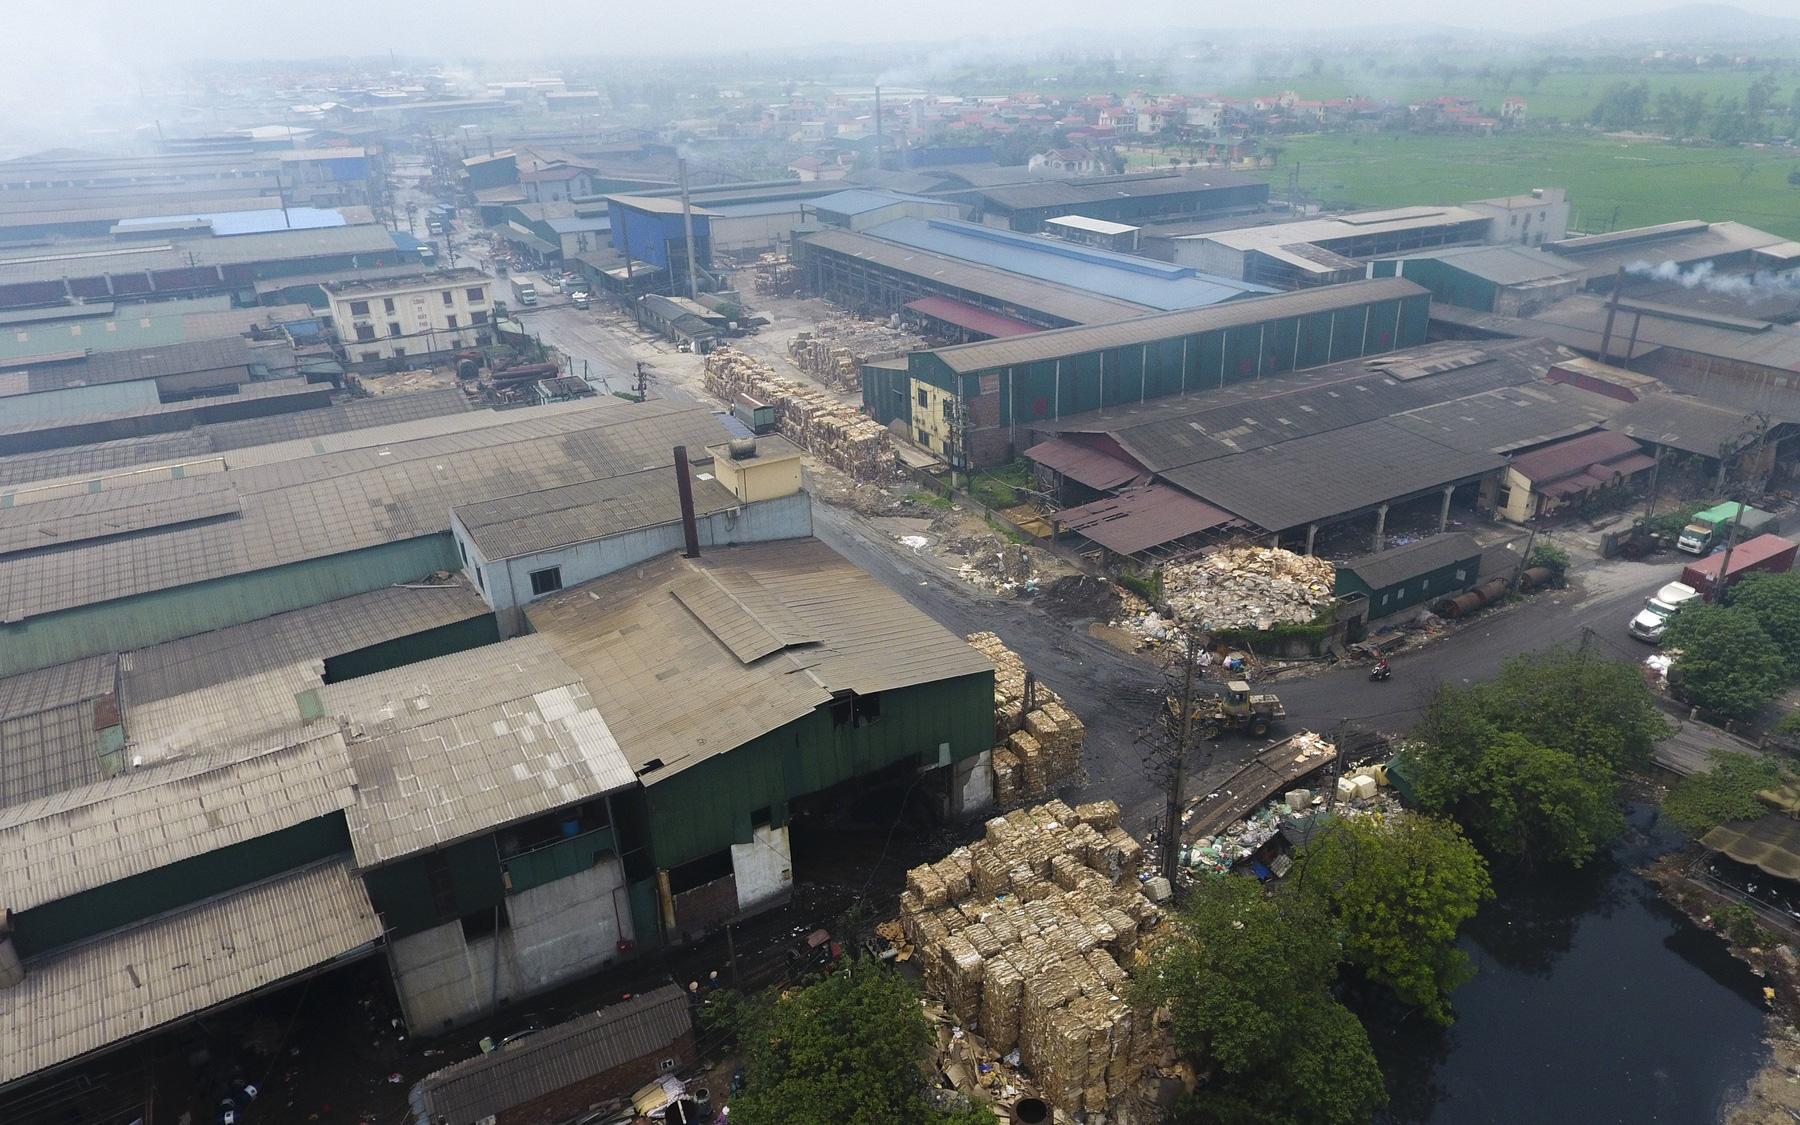 Sự thật khủng khiếp ở làng giấy Phú Lâm: Ô nhiễm đến con ruồi cũng không sống nổi, công nhân bán mòn sức